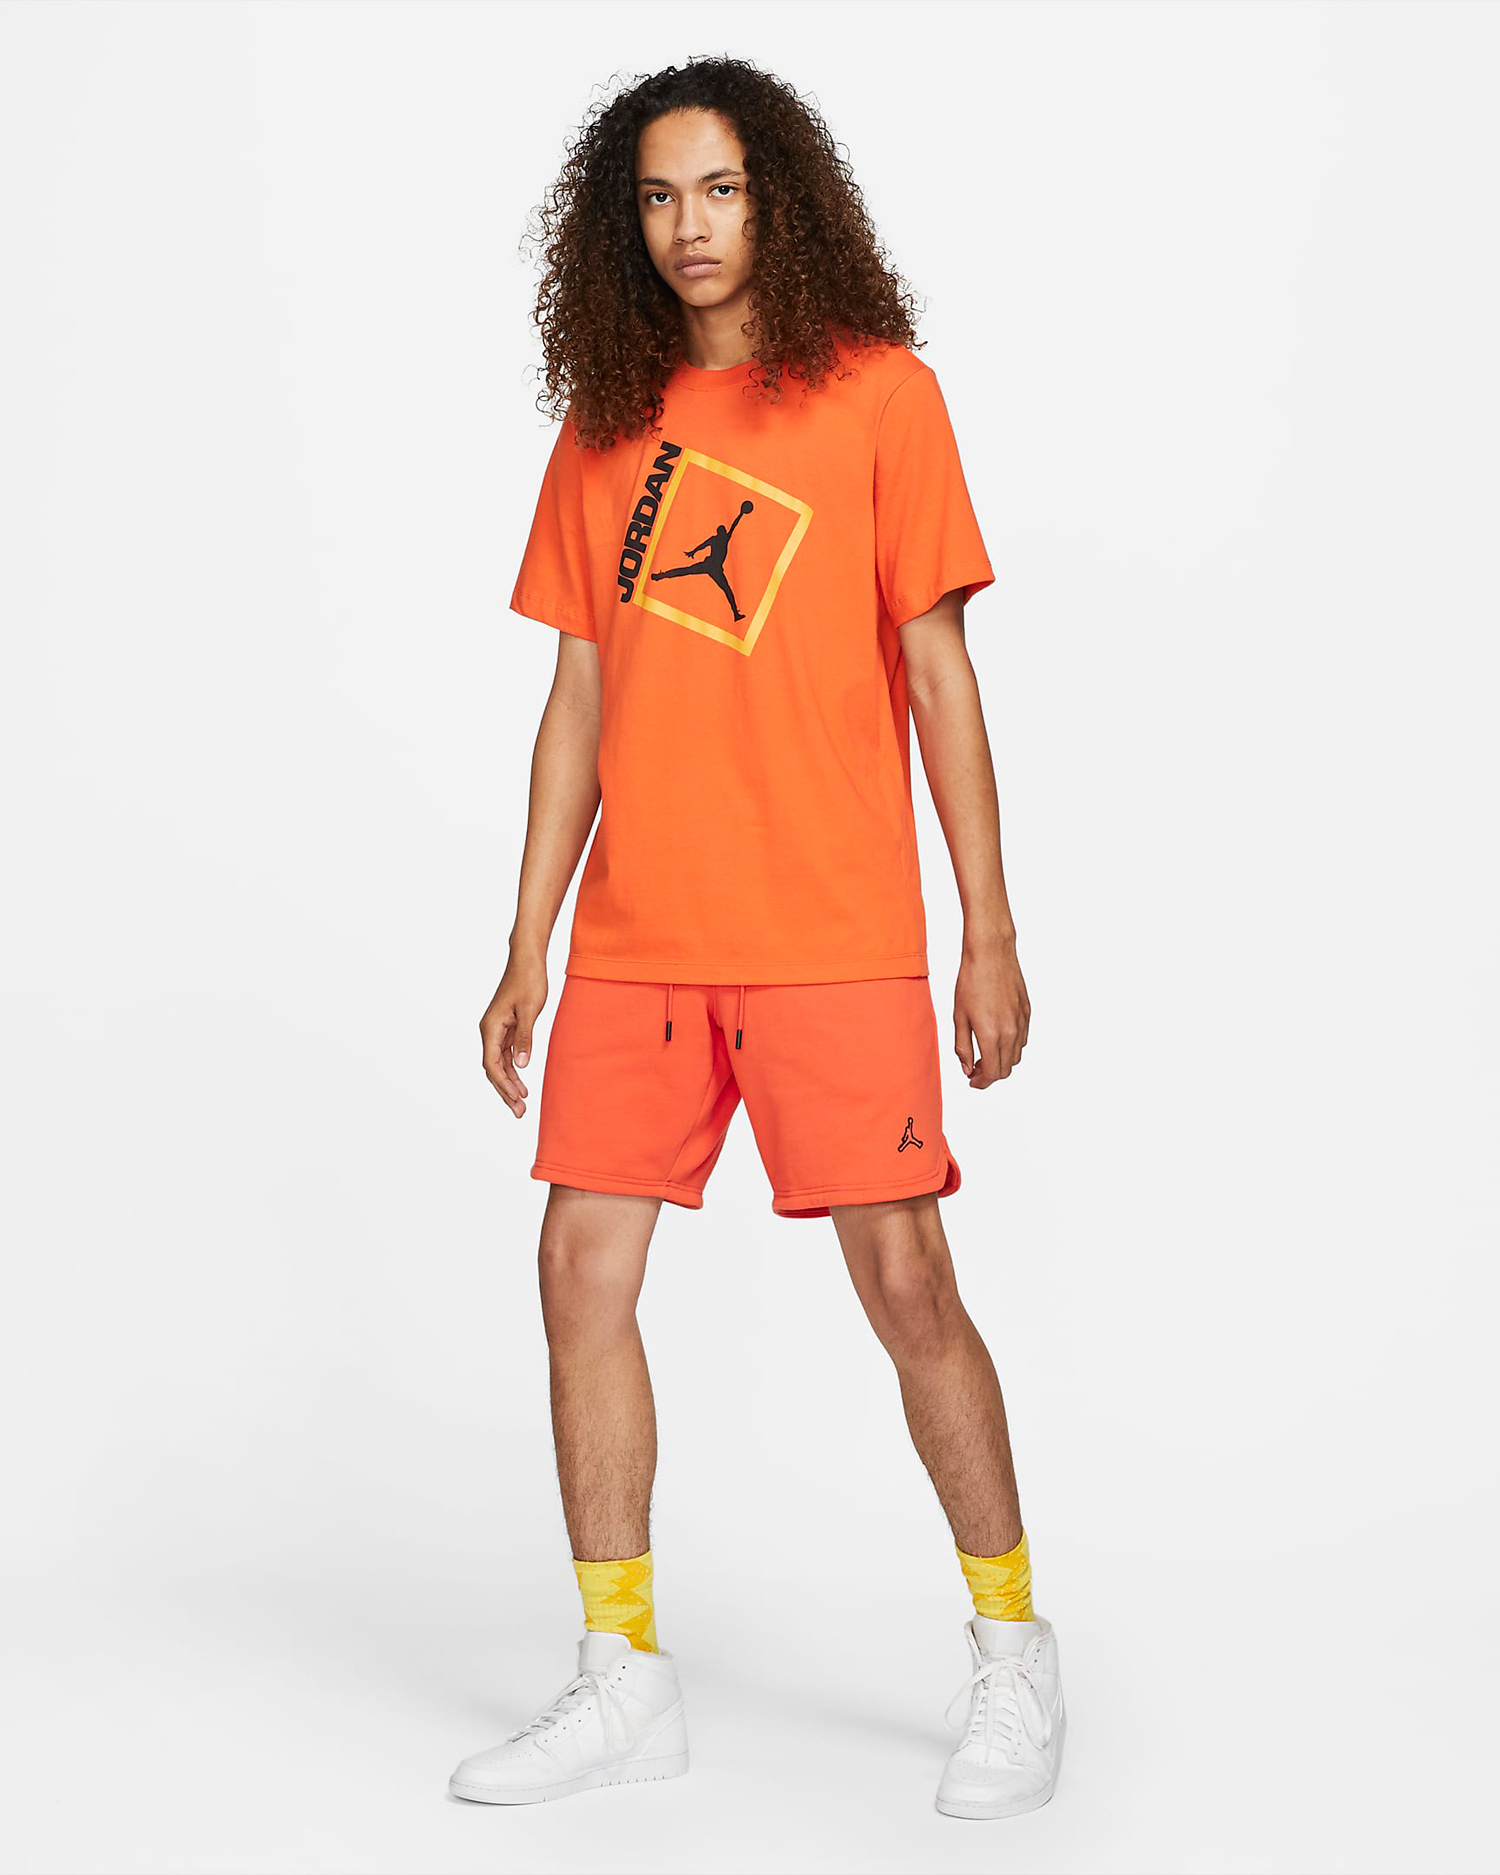 jordan-electro-orange-shirt-shorts-outfit